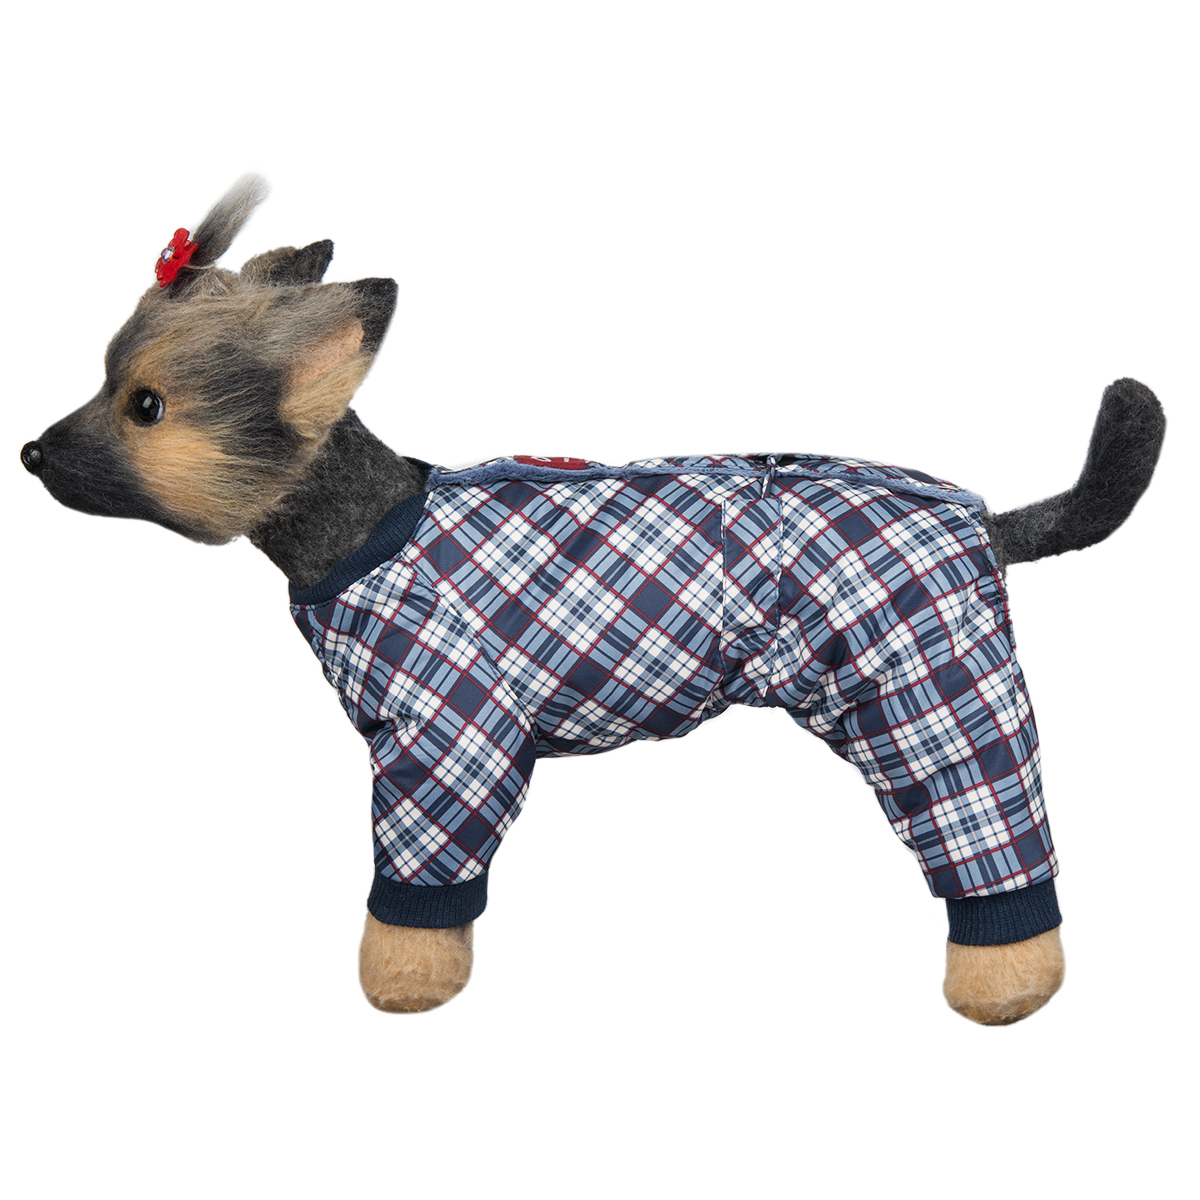 Комбинезон для собак Dogmoda Нью-Йорк, зимний, для мальчика, цвет: белый, темно-синий. Размер 1 (S)DM-160293-1Комбинезон для собак Dogmoda Нью-Йорк, оформленный ярким рисунком, отлично подойдет для прогулок в зимнее время года. Комбинезон изготовлен из водоотталкивающего полиэстера, защищающего от ветра и снега, с утеплителем из синтепона, который сохранит тепло даже в сильные морозы, а в качестве подкладки используется искусственный мех, который обеспечивает отличный воздухообмен. Комбинезон застегивается на кнопки на спинке, благодаря чему его легко надевать и снимать. Ворот, низ рукавов и брючин оснащены широкими трикотажными манжетами, которые мягко обхватывают шею и лапки, не позволяя просачиваться холодному воздуху. На пояснице комбинезон затягивается на шнурок-кулиску. Благодаря такому комбинезону простуда не грозит вашему питомцу, и он сможет испытать не сравнимое удовольствие от снежных игр и забав.Одежда для собак: нужна ли она и как её выбрать. Статья OZON Гид